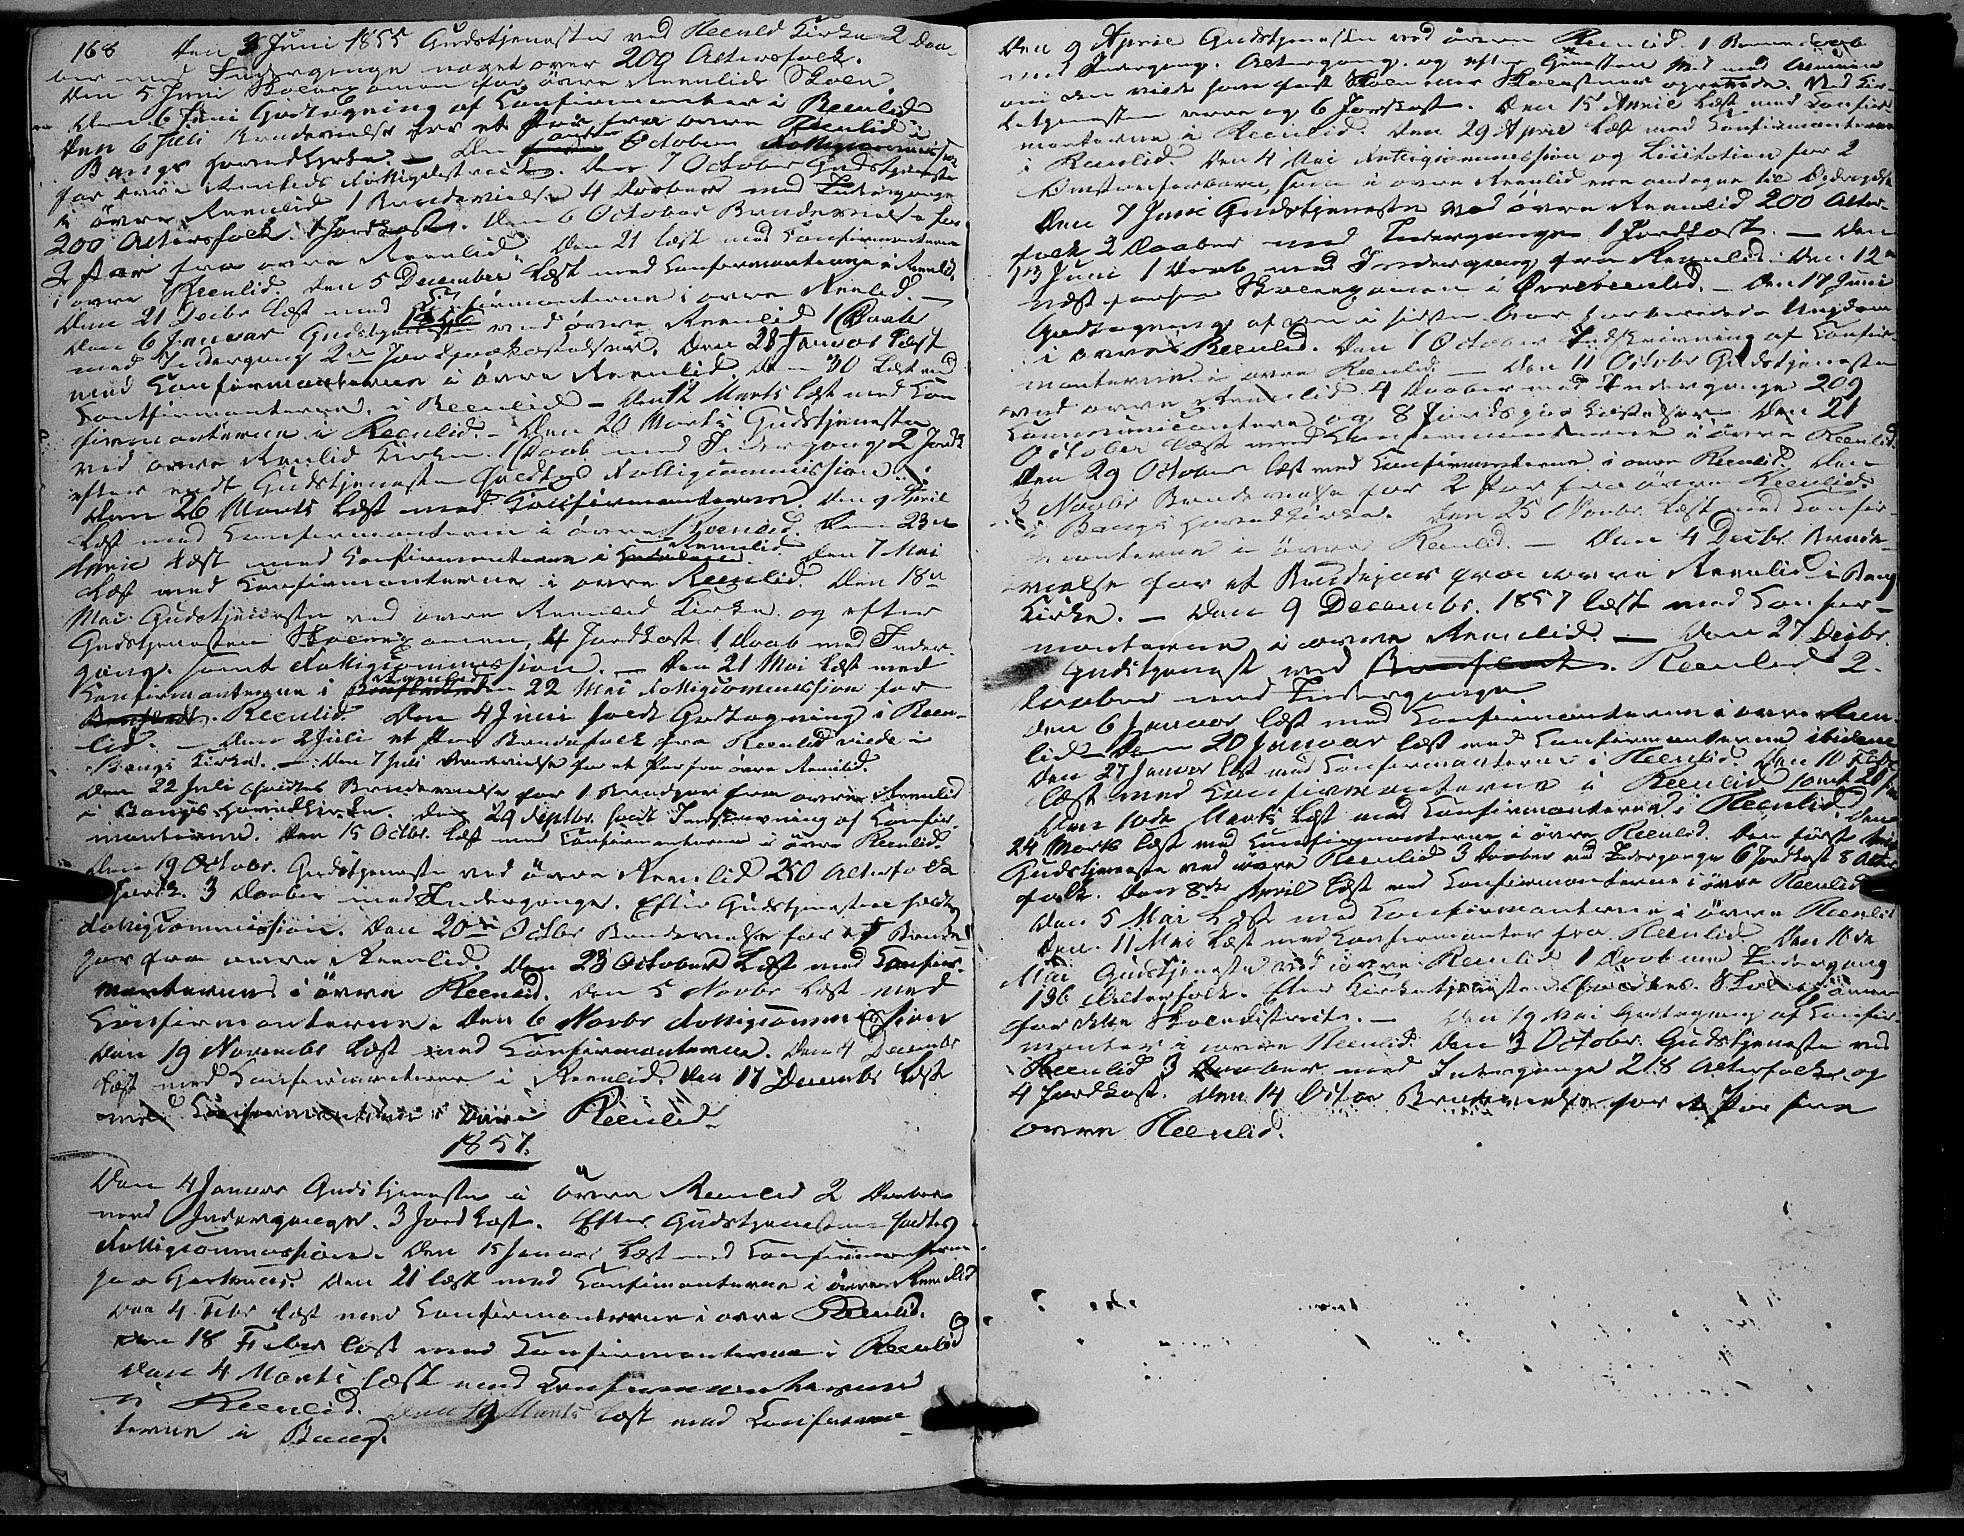 SAH, Sør-Aurdal prestekontor, Ministerialbok nr. 6, 1849-1876, s. 168